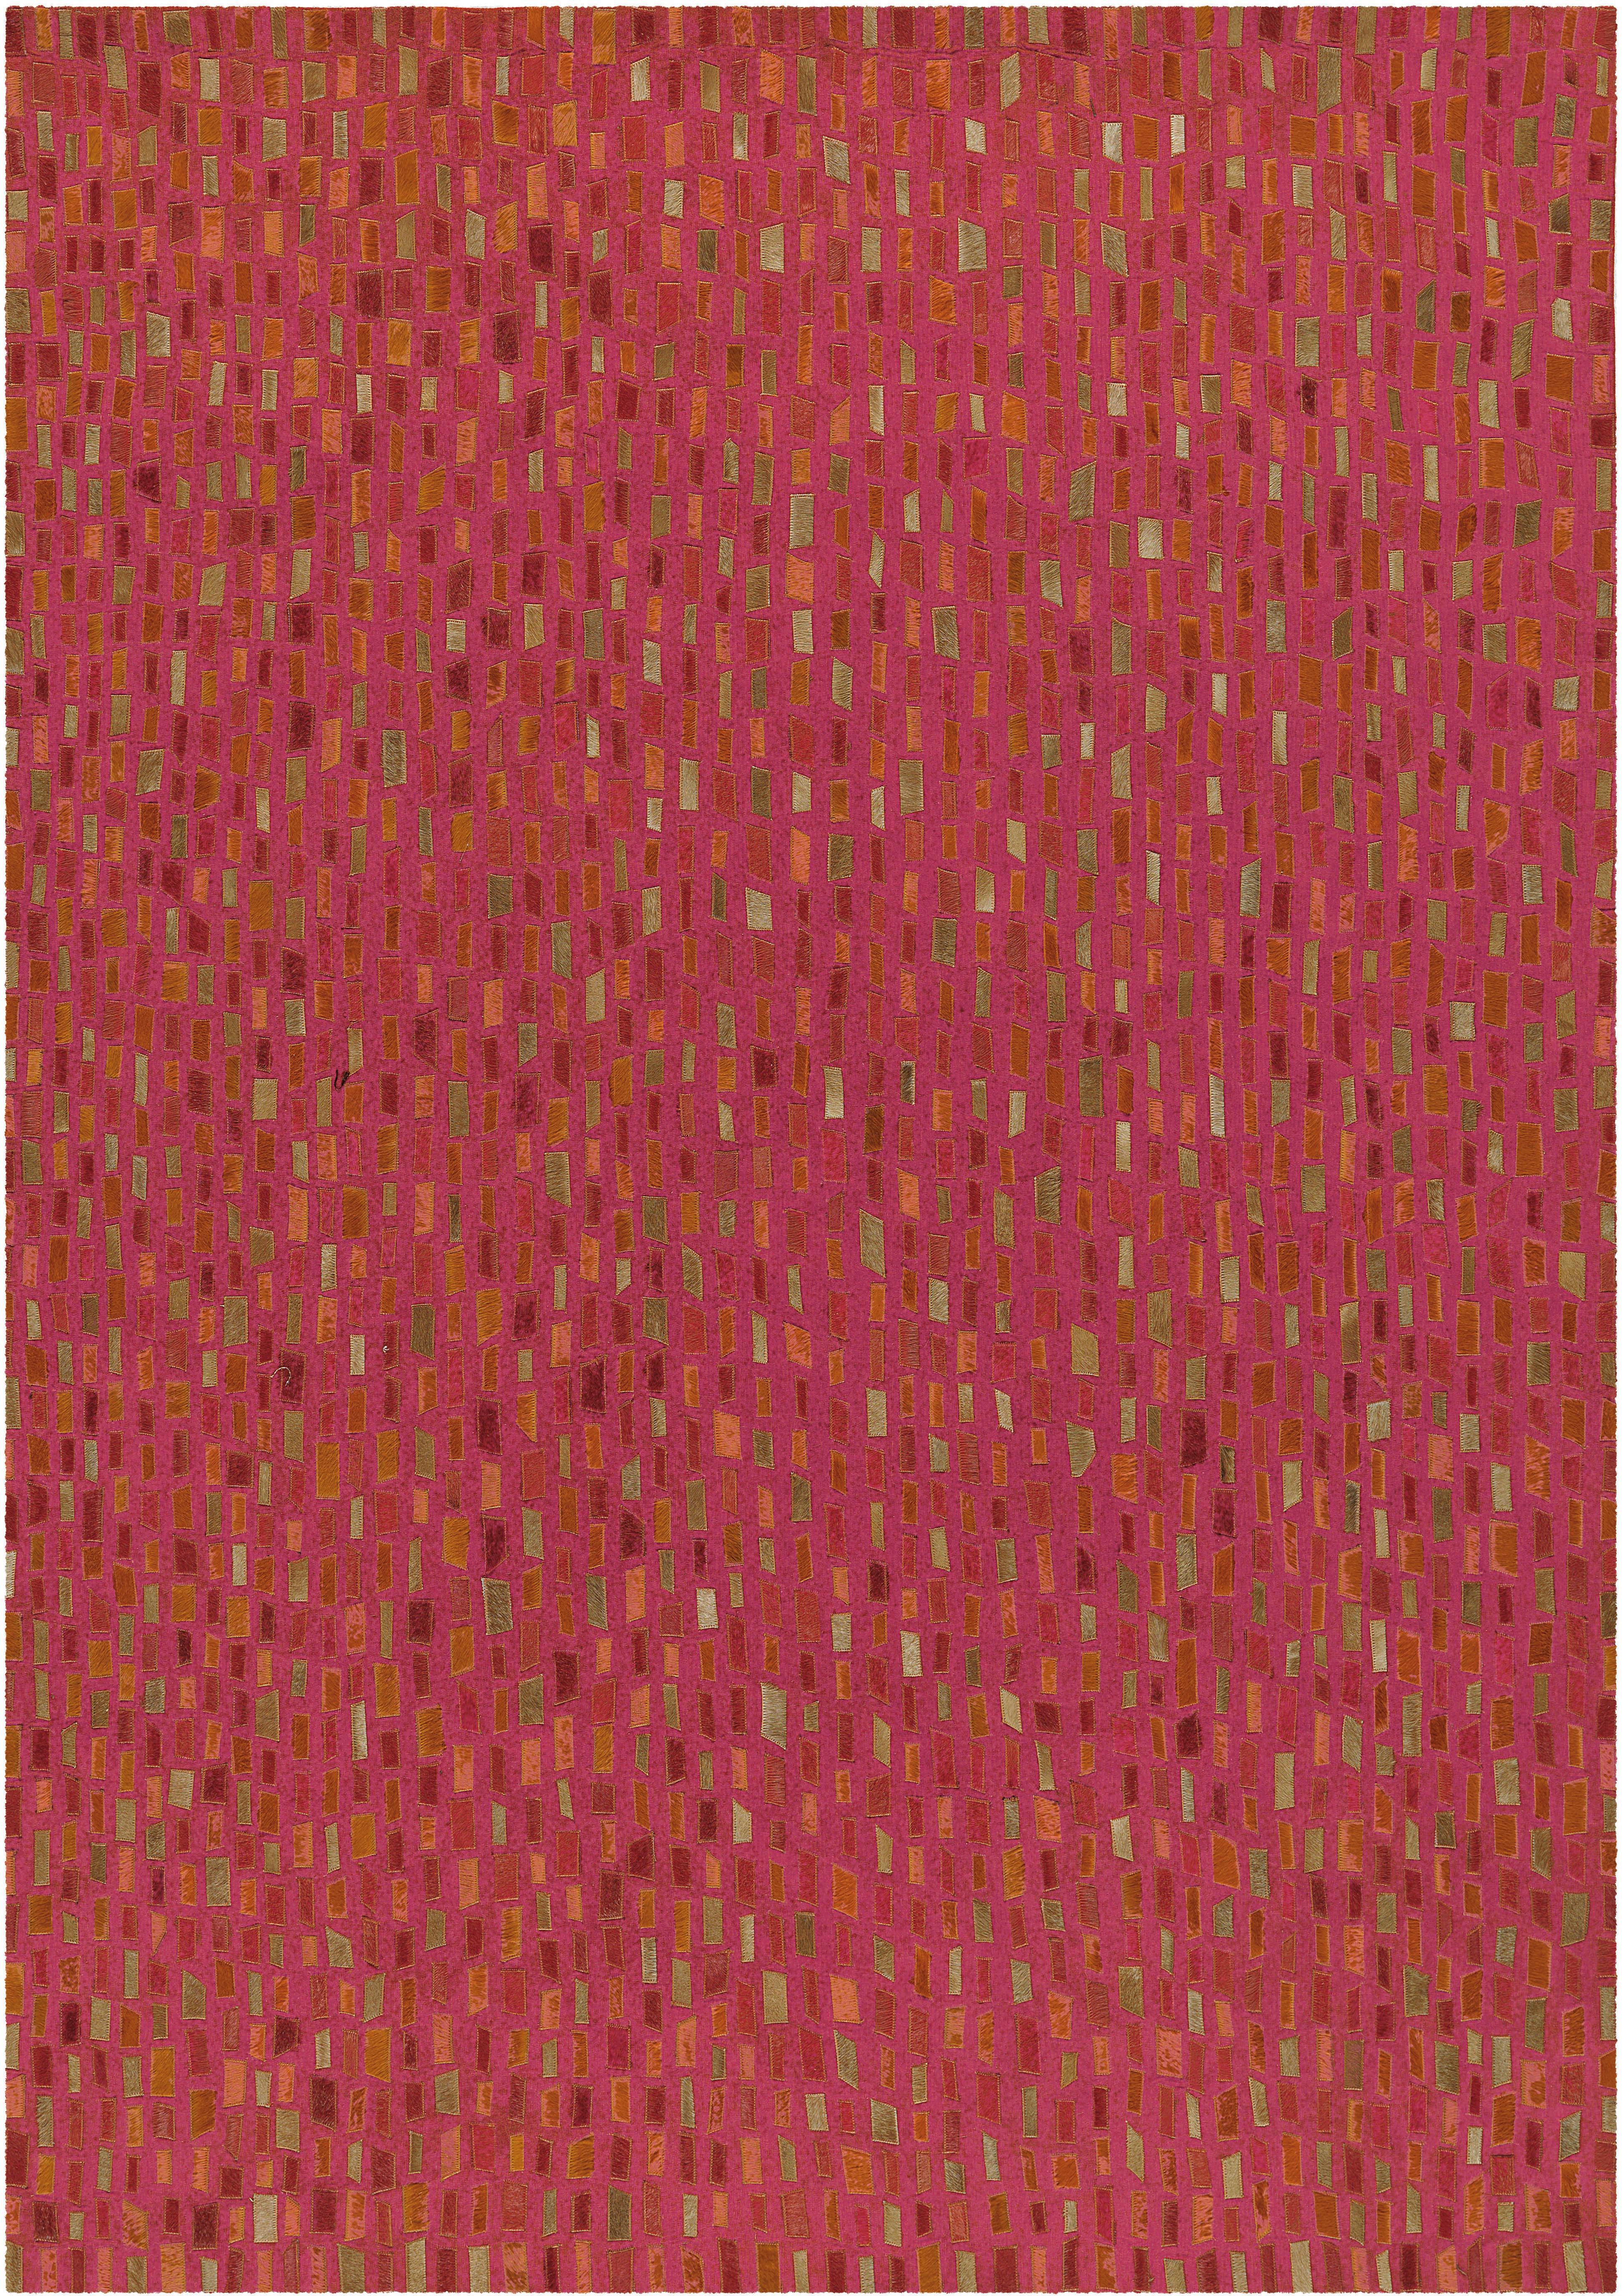 Teppich Wild 8022 Arte Espina rechteckig Höhe 8 mm handgewebt